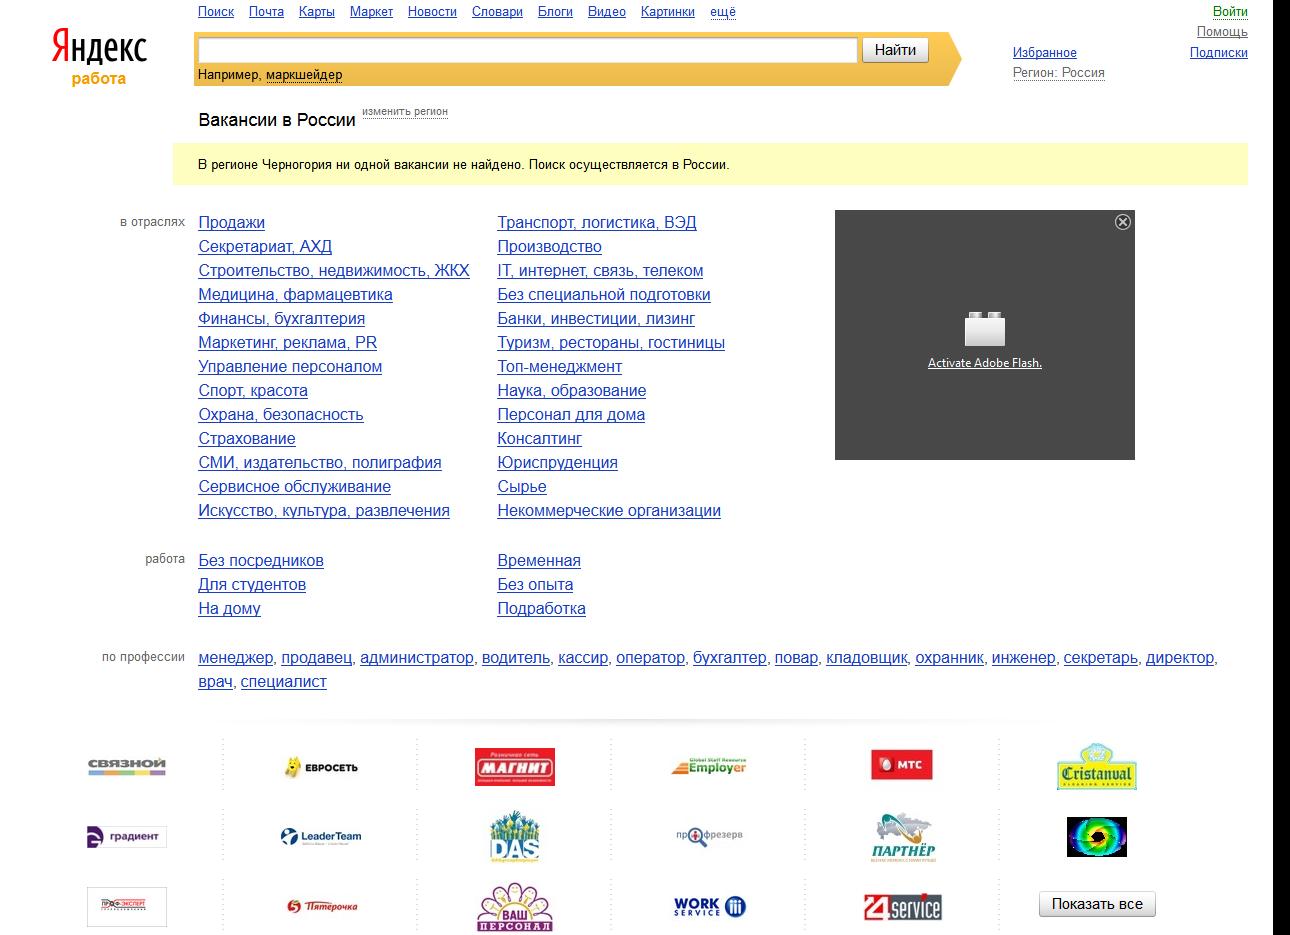 Почему Яндекс.Работа рекламируется в выдаче «Яндекса» ложными цифрами?